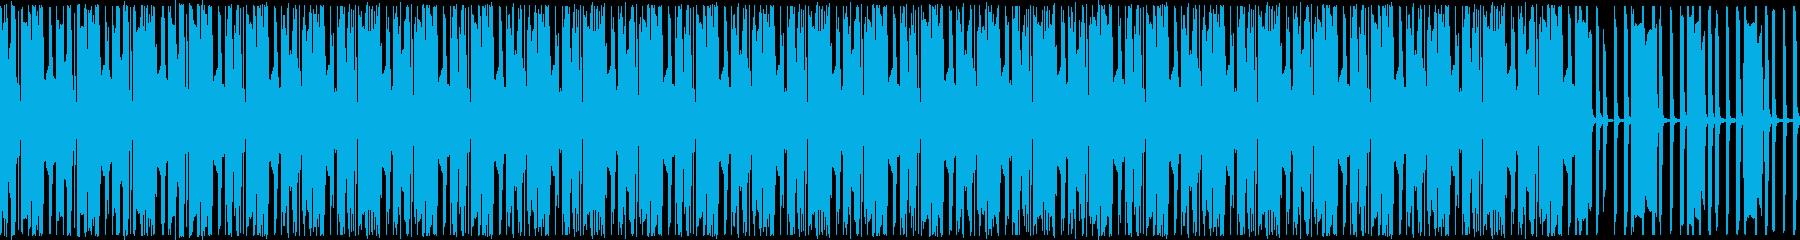 ランダムに散りばめられたブレークビーツの再生済みの波形